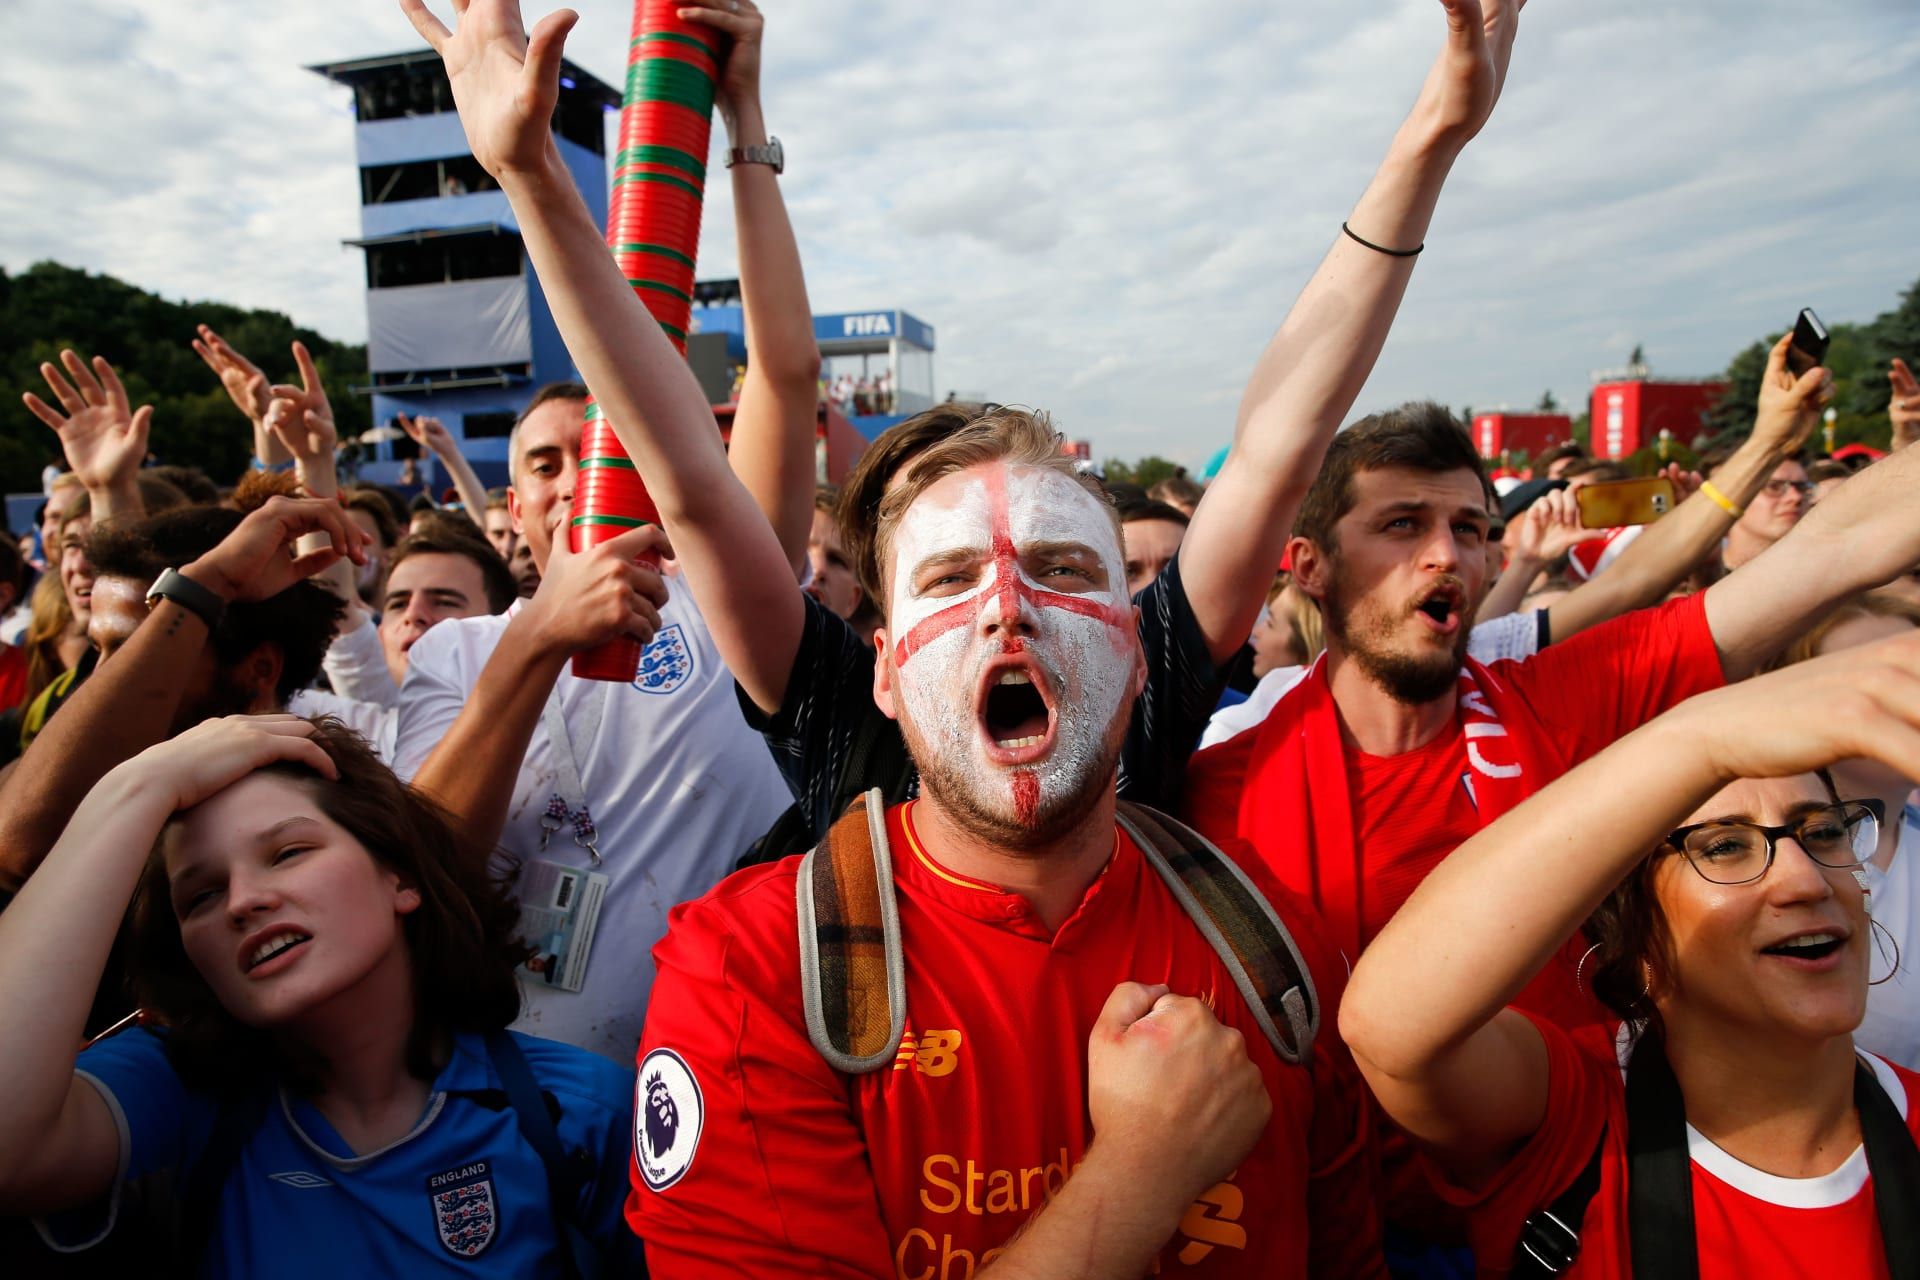 """مجموعة من مشجعي إنجلترا يقتحمون متجر """"إيكيا"""" احتفالا بفوز منتخبهم"""